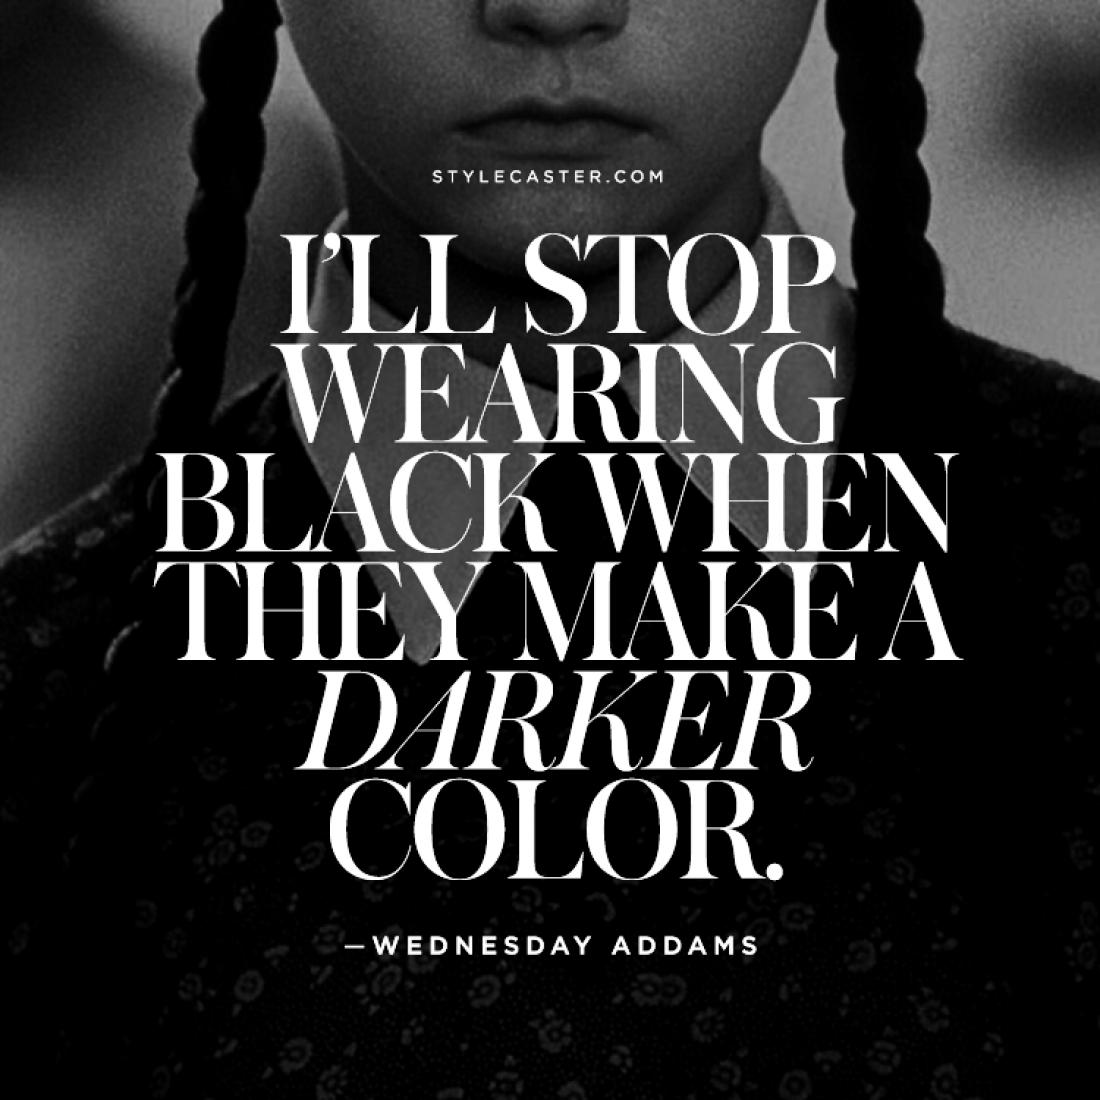 Любого цвета но только черного цвета